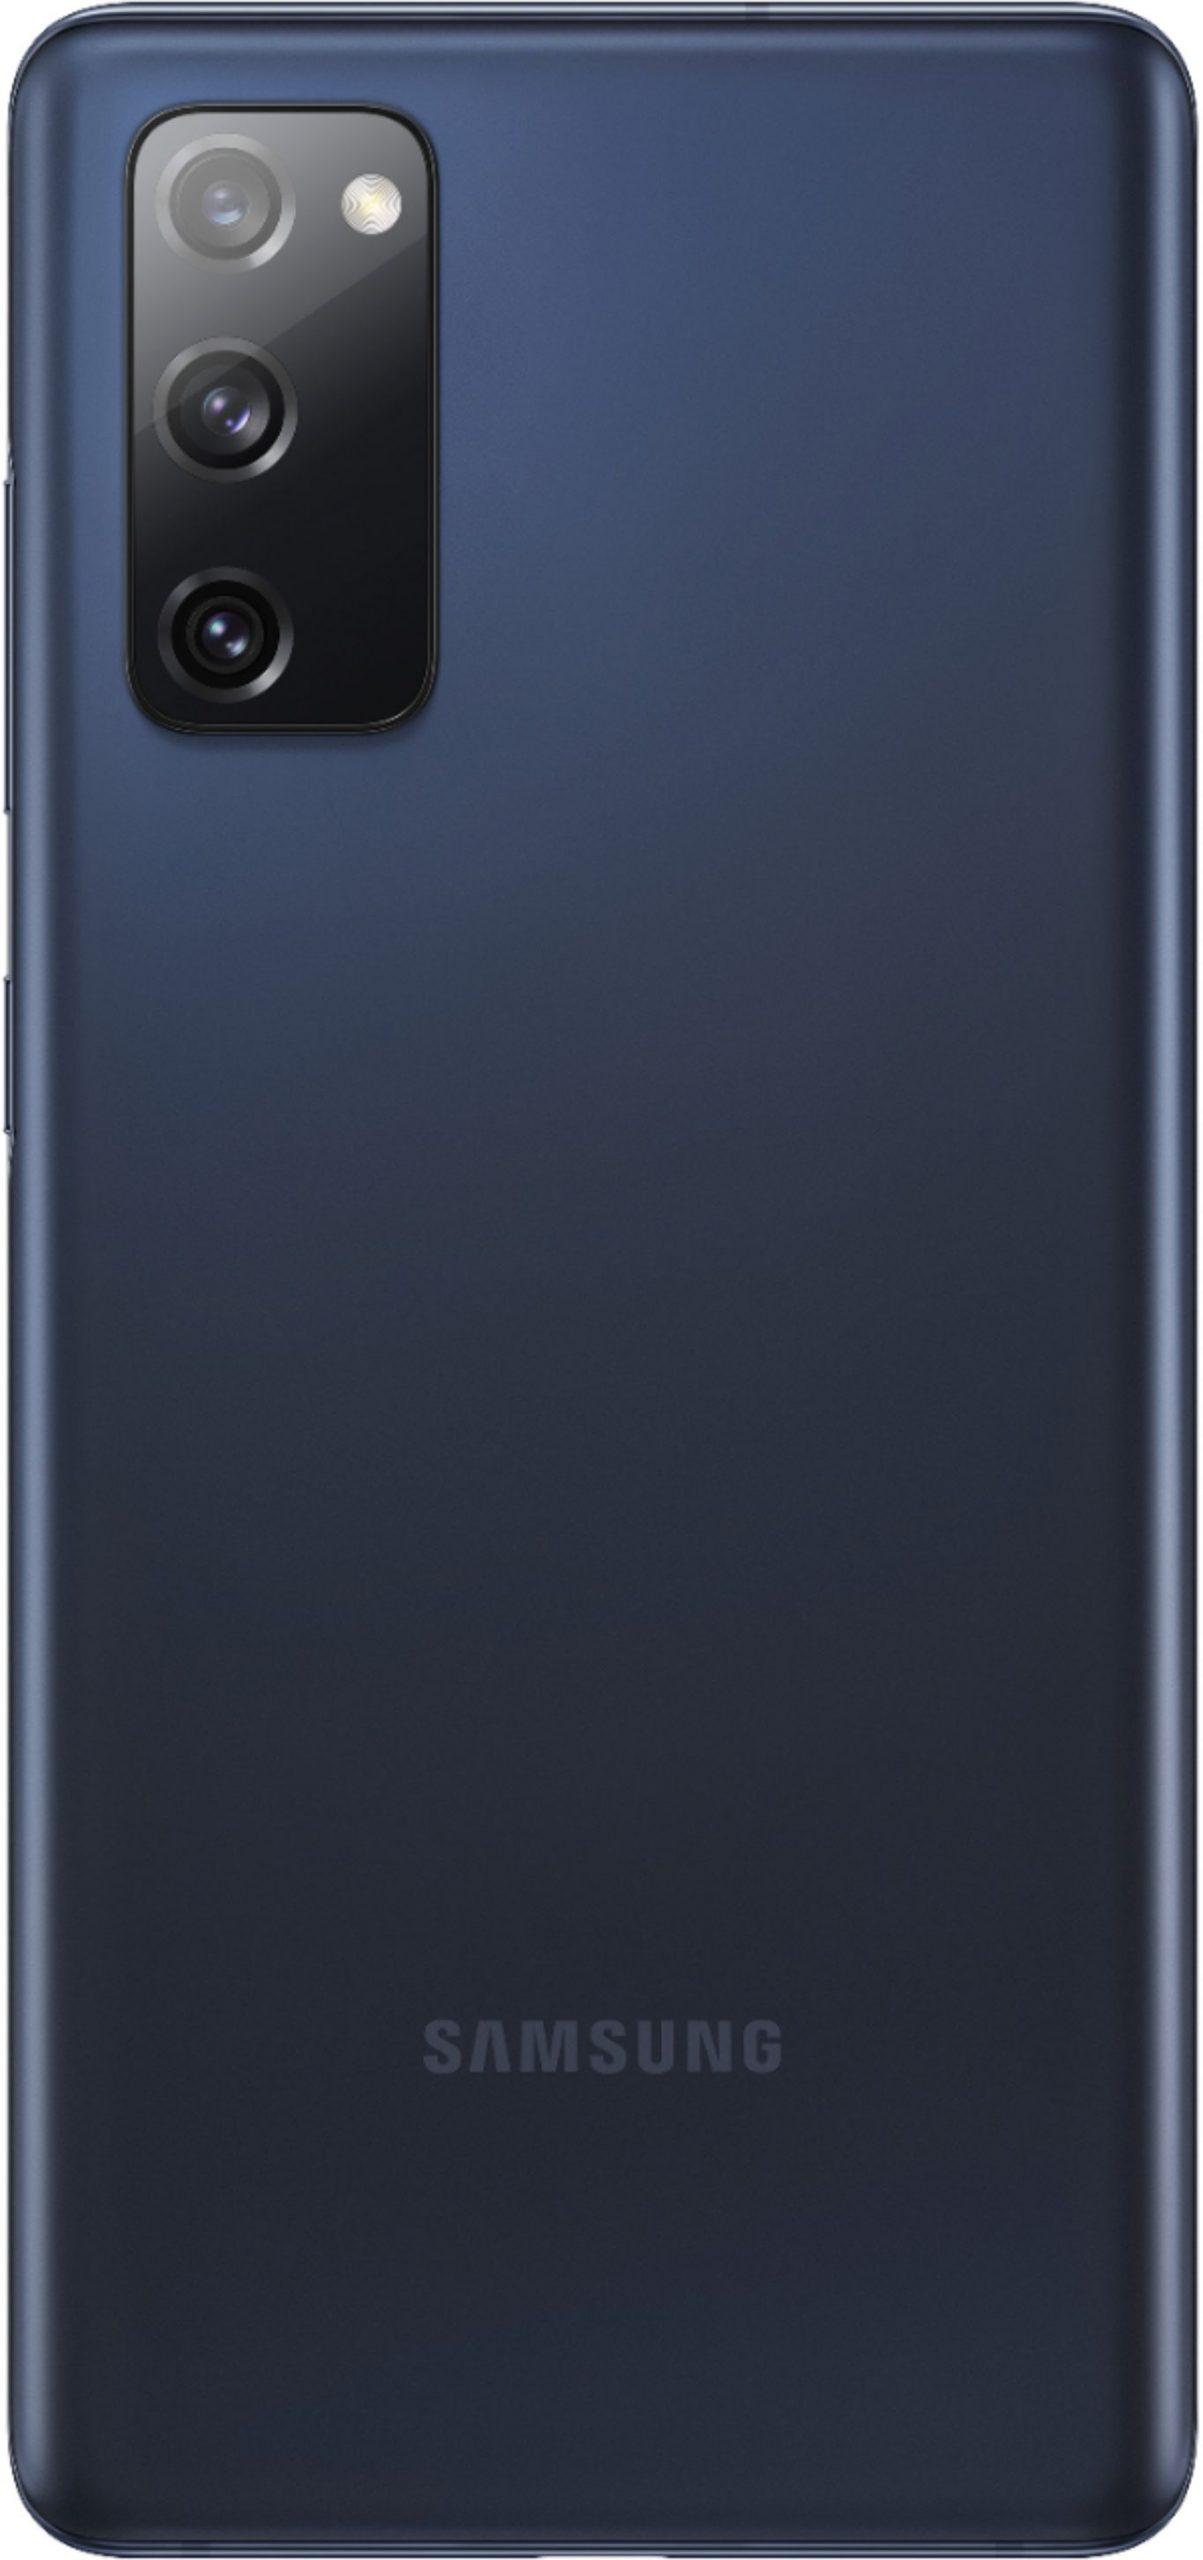 Samsung Galaxy S20 FE (SM-G780F) 354791647015219 - 3